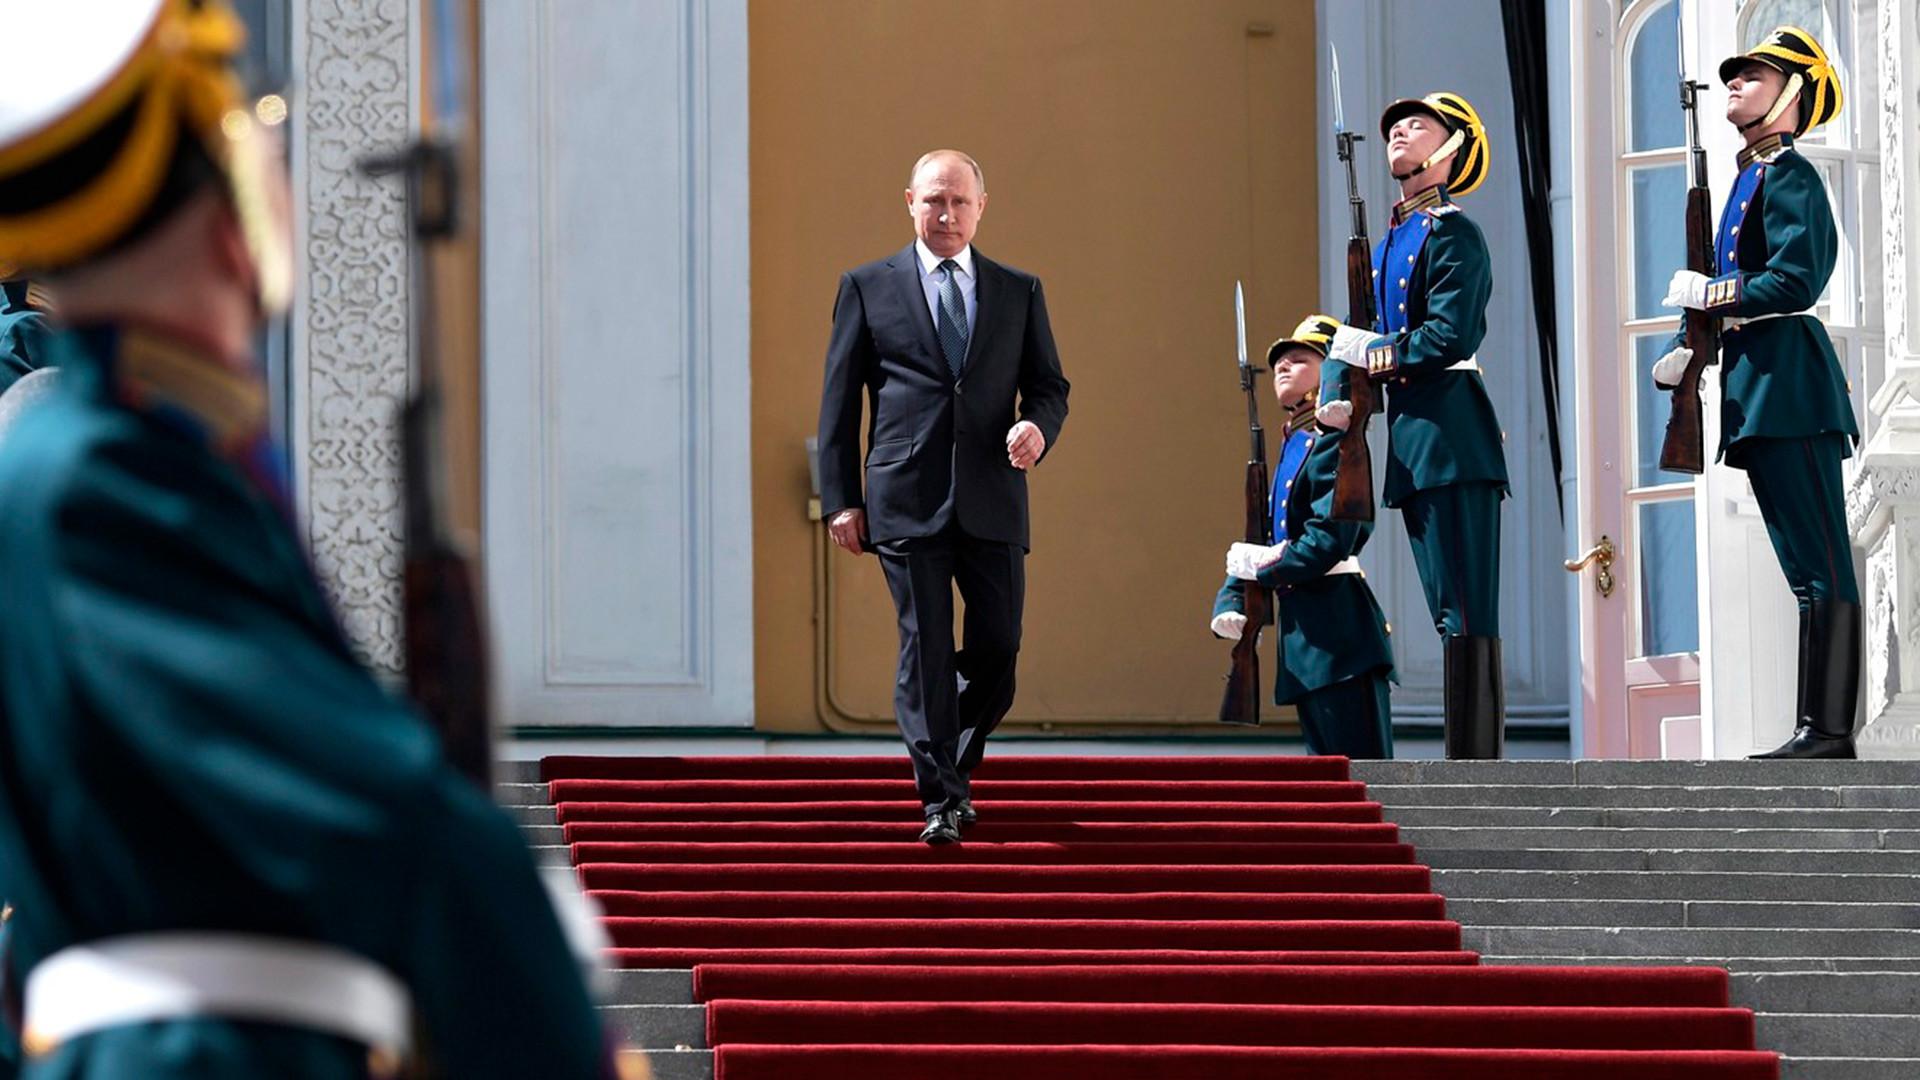 Putinova kuća ... može li se ova konstrukcija nazvati kućom 5d2edc2d85600a27bc3a3b56